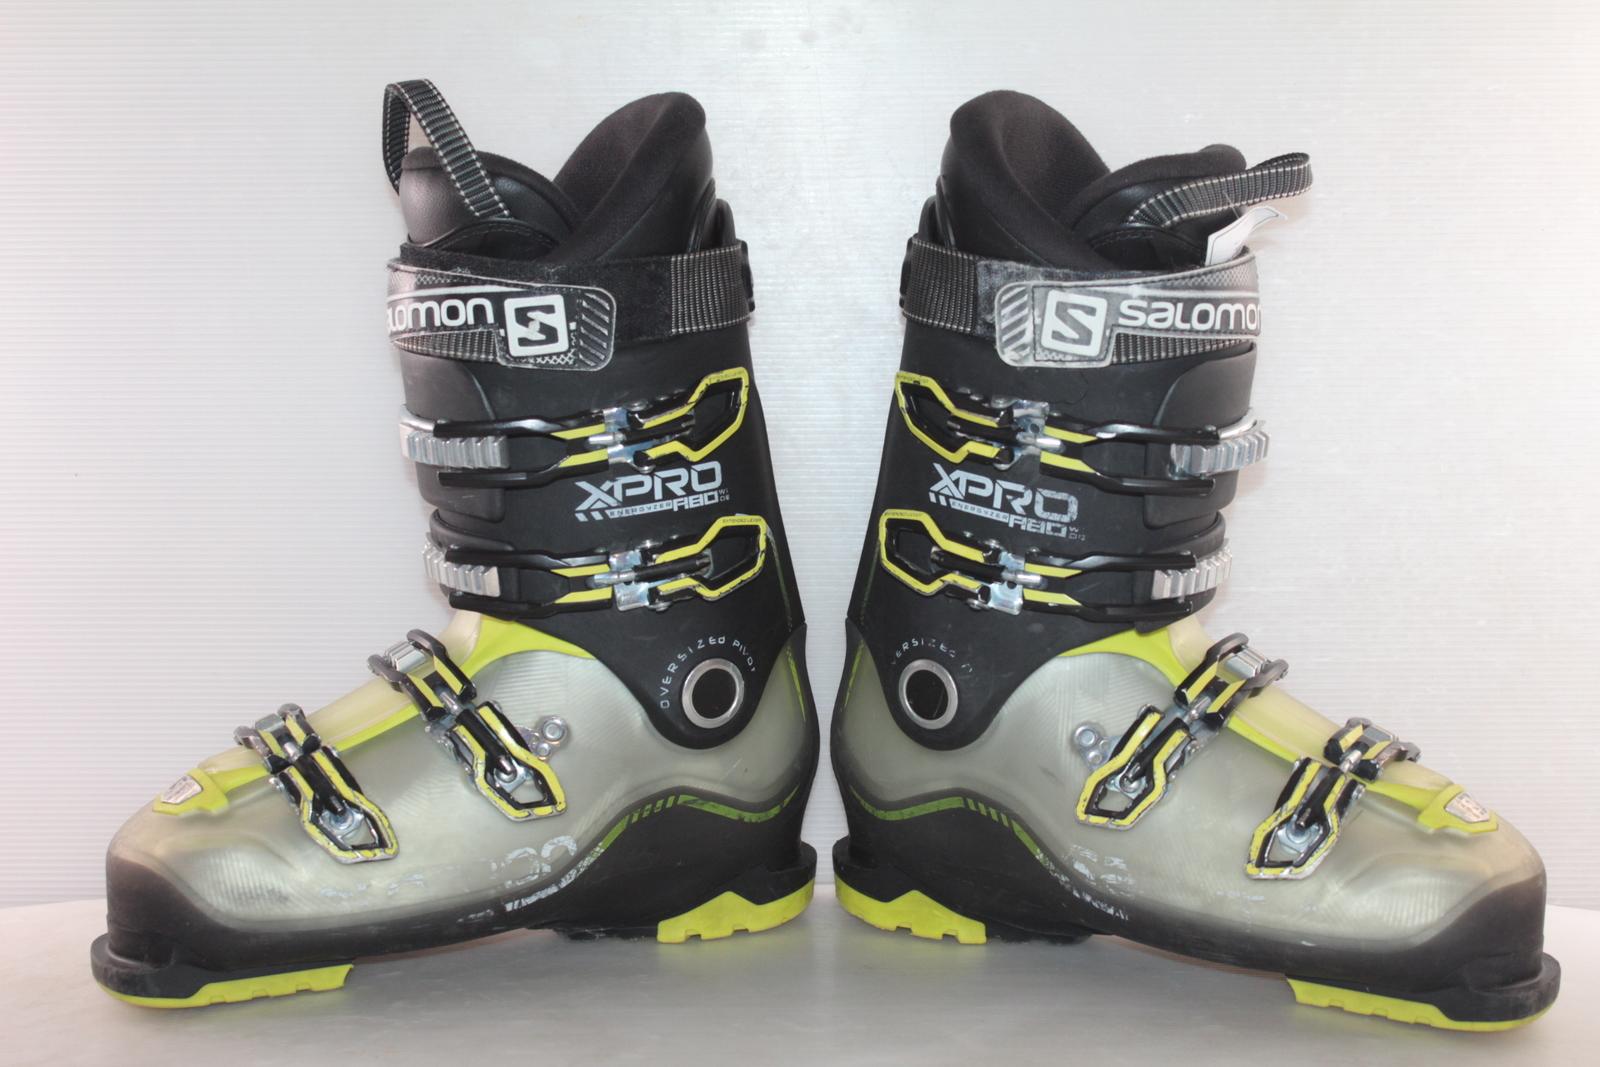 Lyžařské boty Salomon X Pro R80  vel. EU43 flexe 80